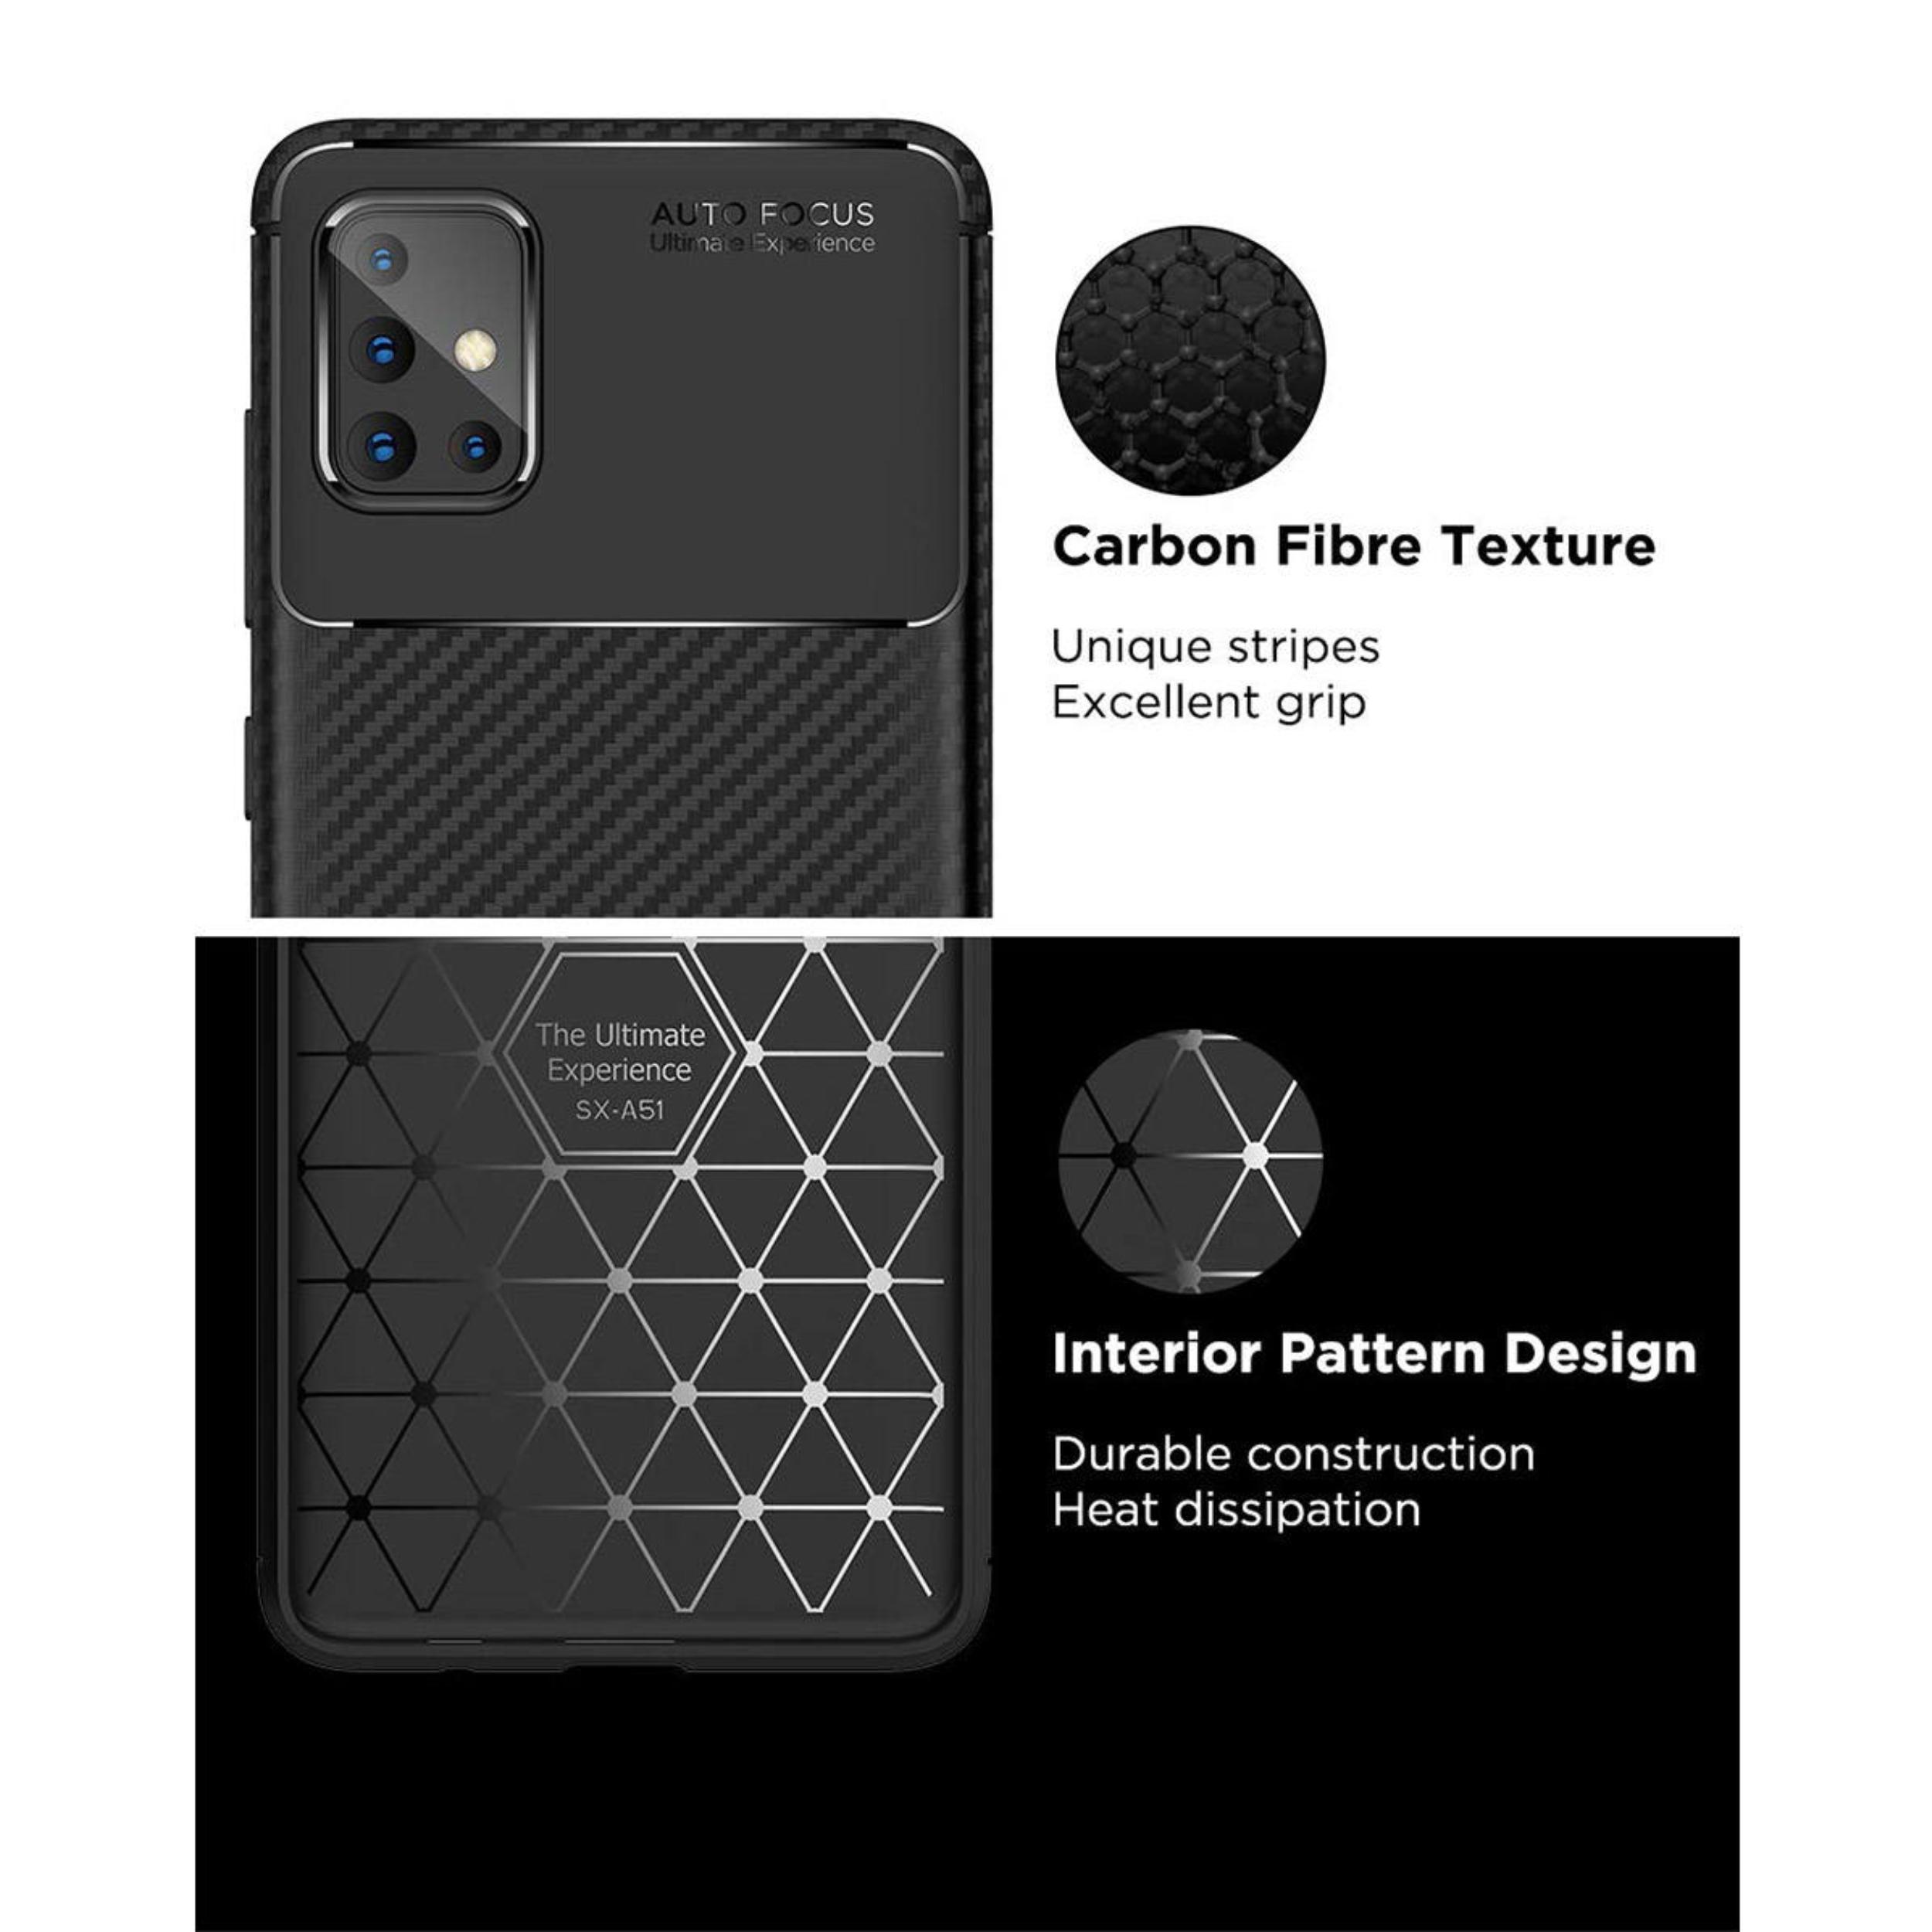 کاور لاین کینگ مدل A21 مناسب برای گوشی موبایل سامسونگ Galaxy A71 thumb 2 6